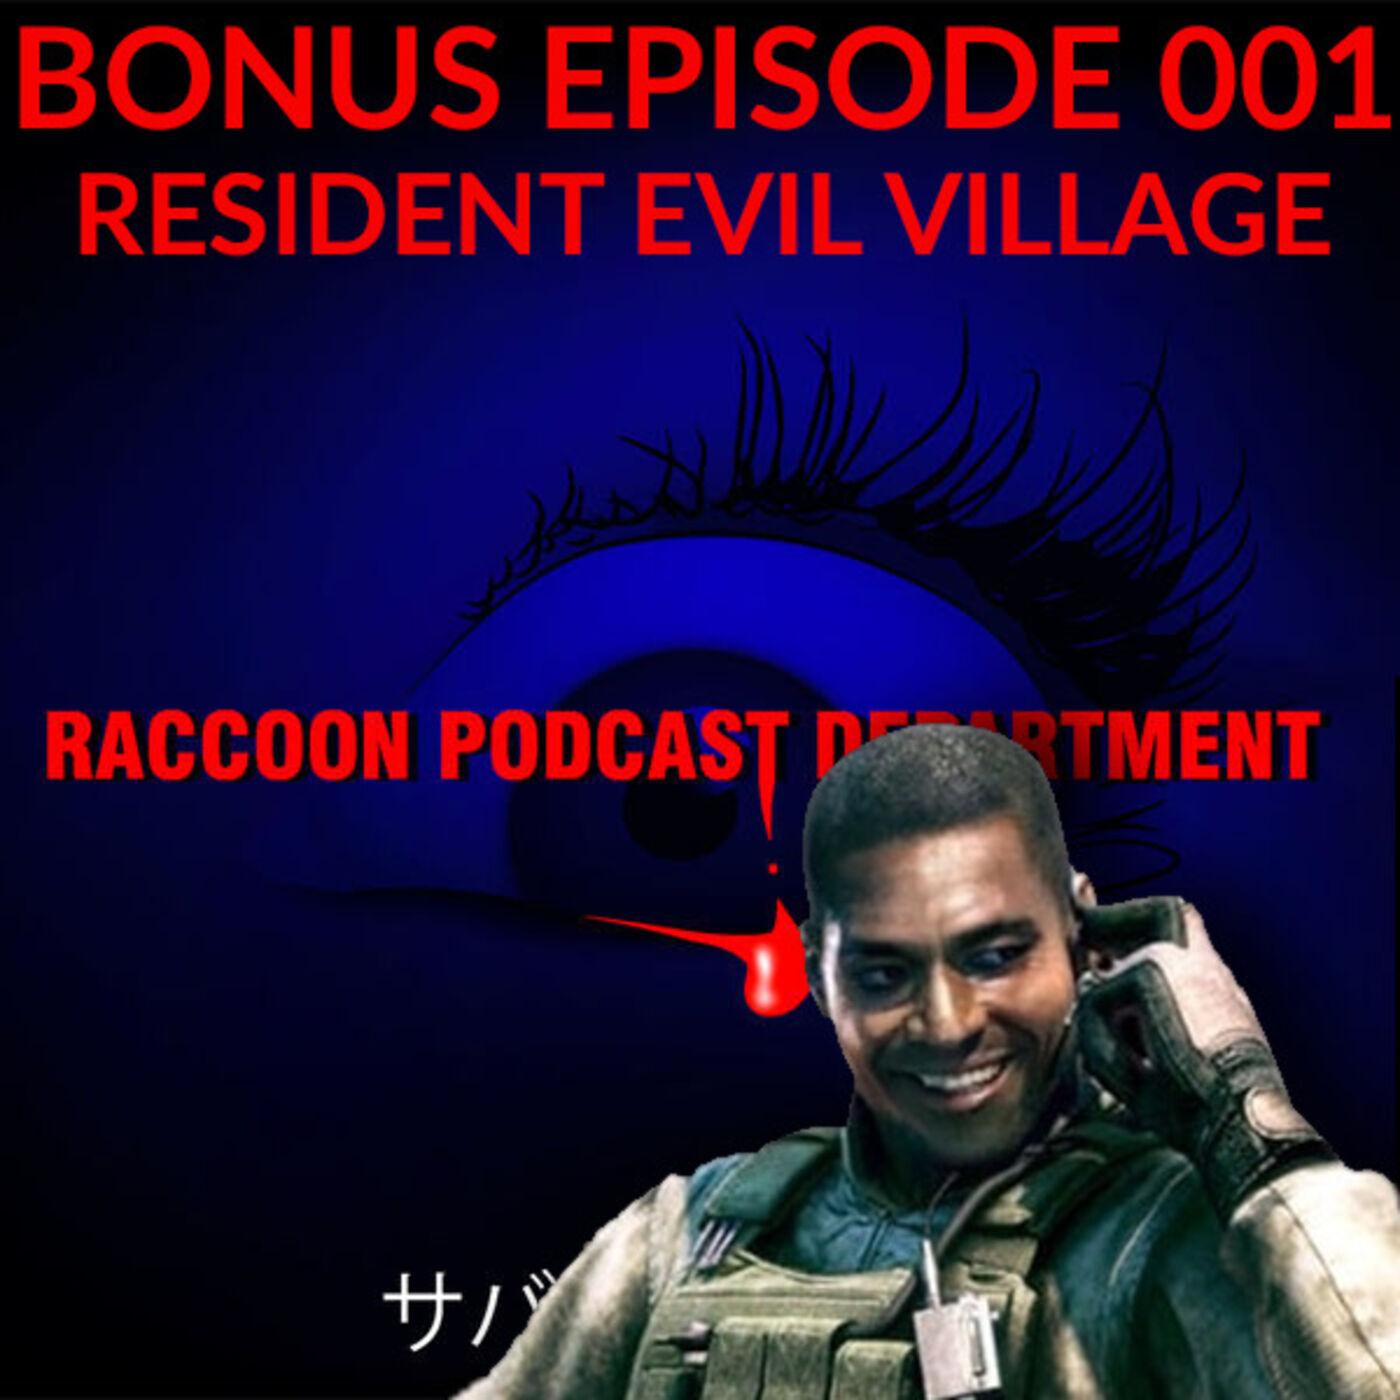 BONUS EPISODE 001 - Resident Evil Village (2021)